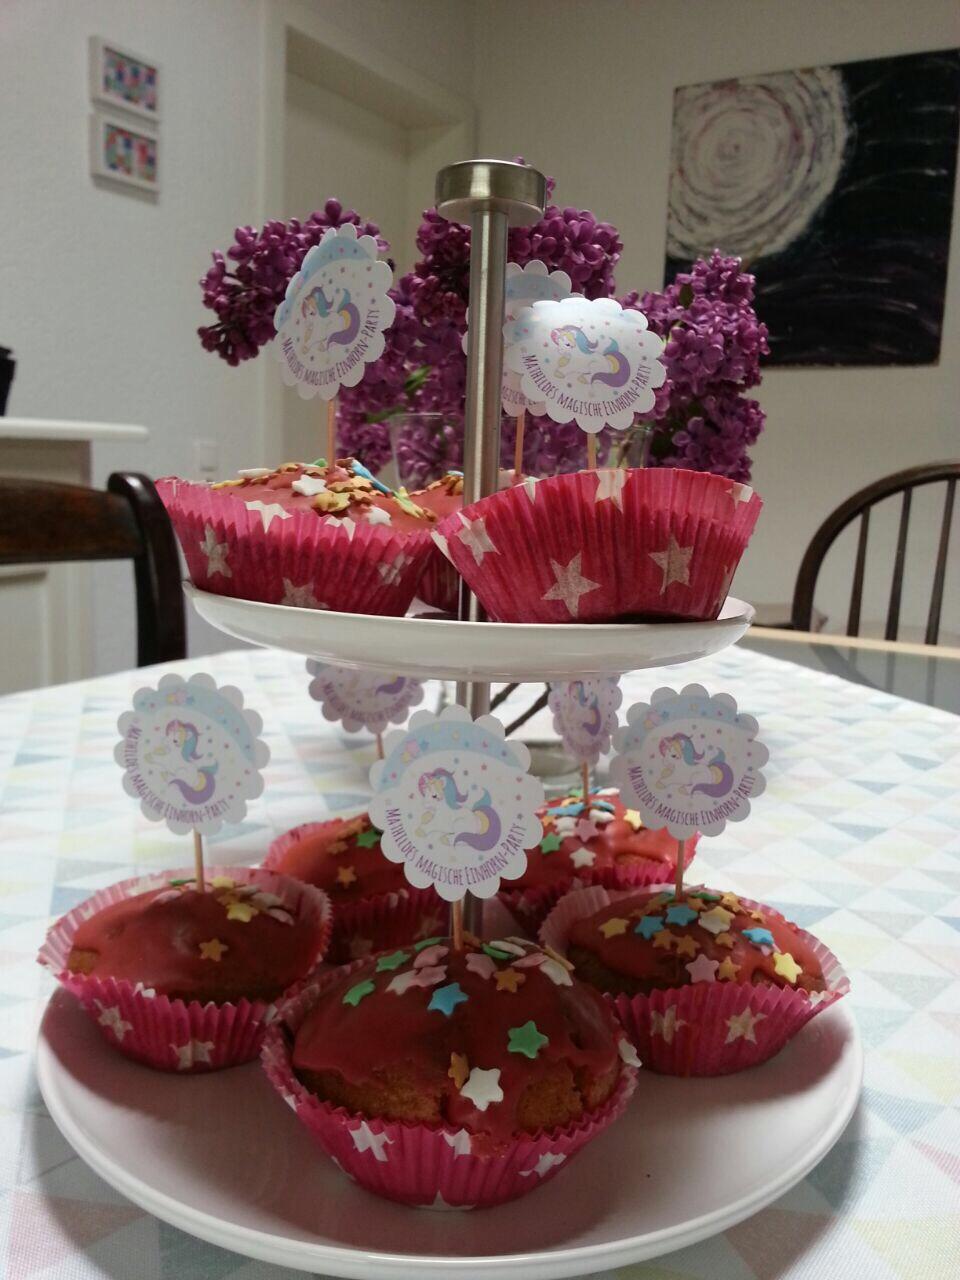 Etagere mit Einhorn-Muffins